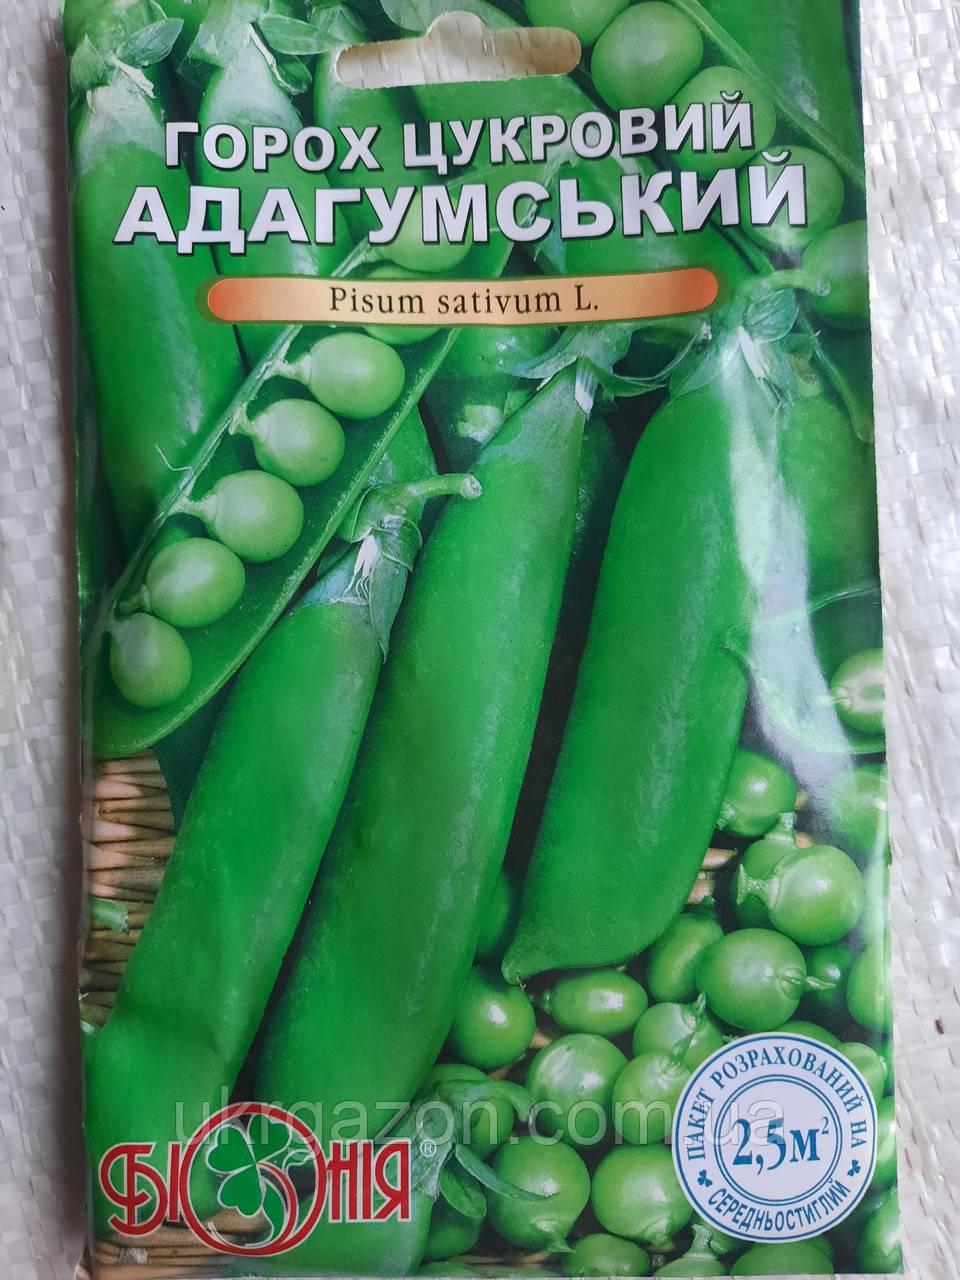 Горох цукровий АДАГУМСЬКИЙ  20 грам (Біонія)